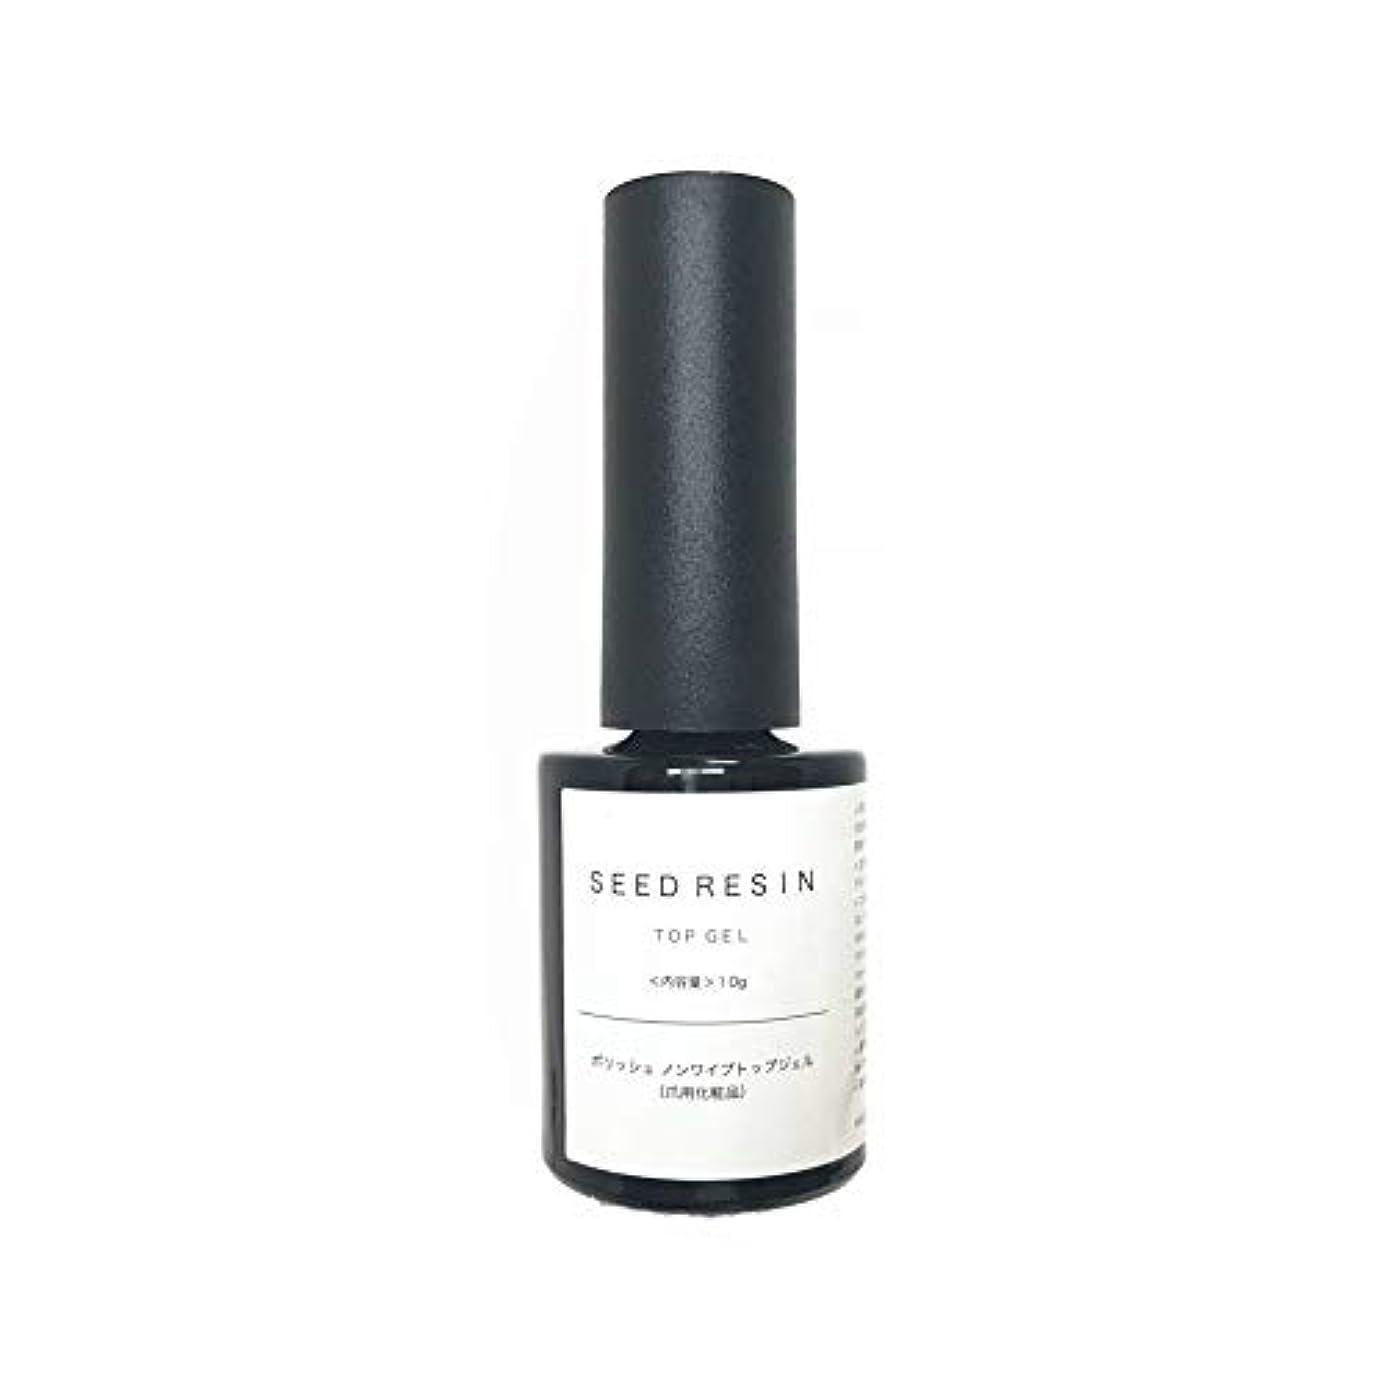 皮肉な組いくつかのSEED RESIN(シードレジン) ジェルネイル ポリッシュ ノンワイプ トップジェル 10g 爪用化粧品